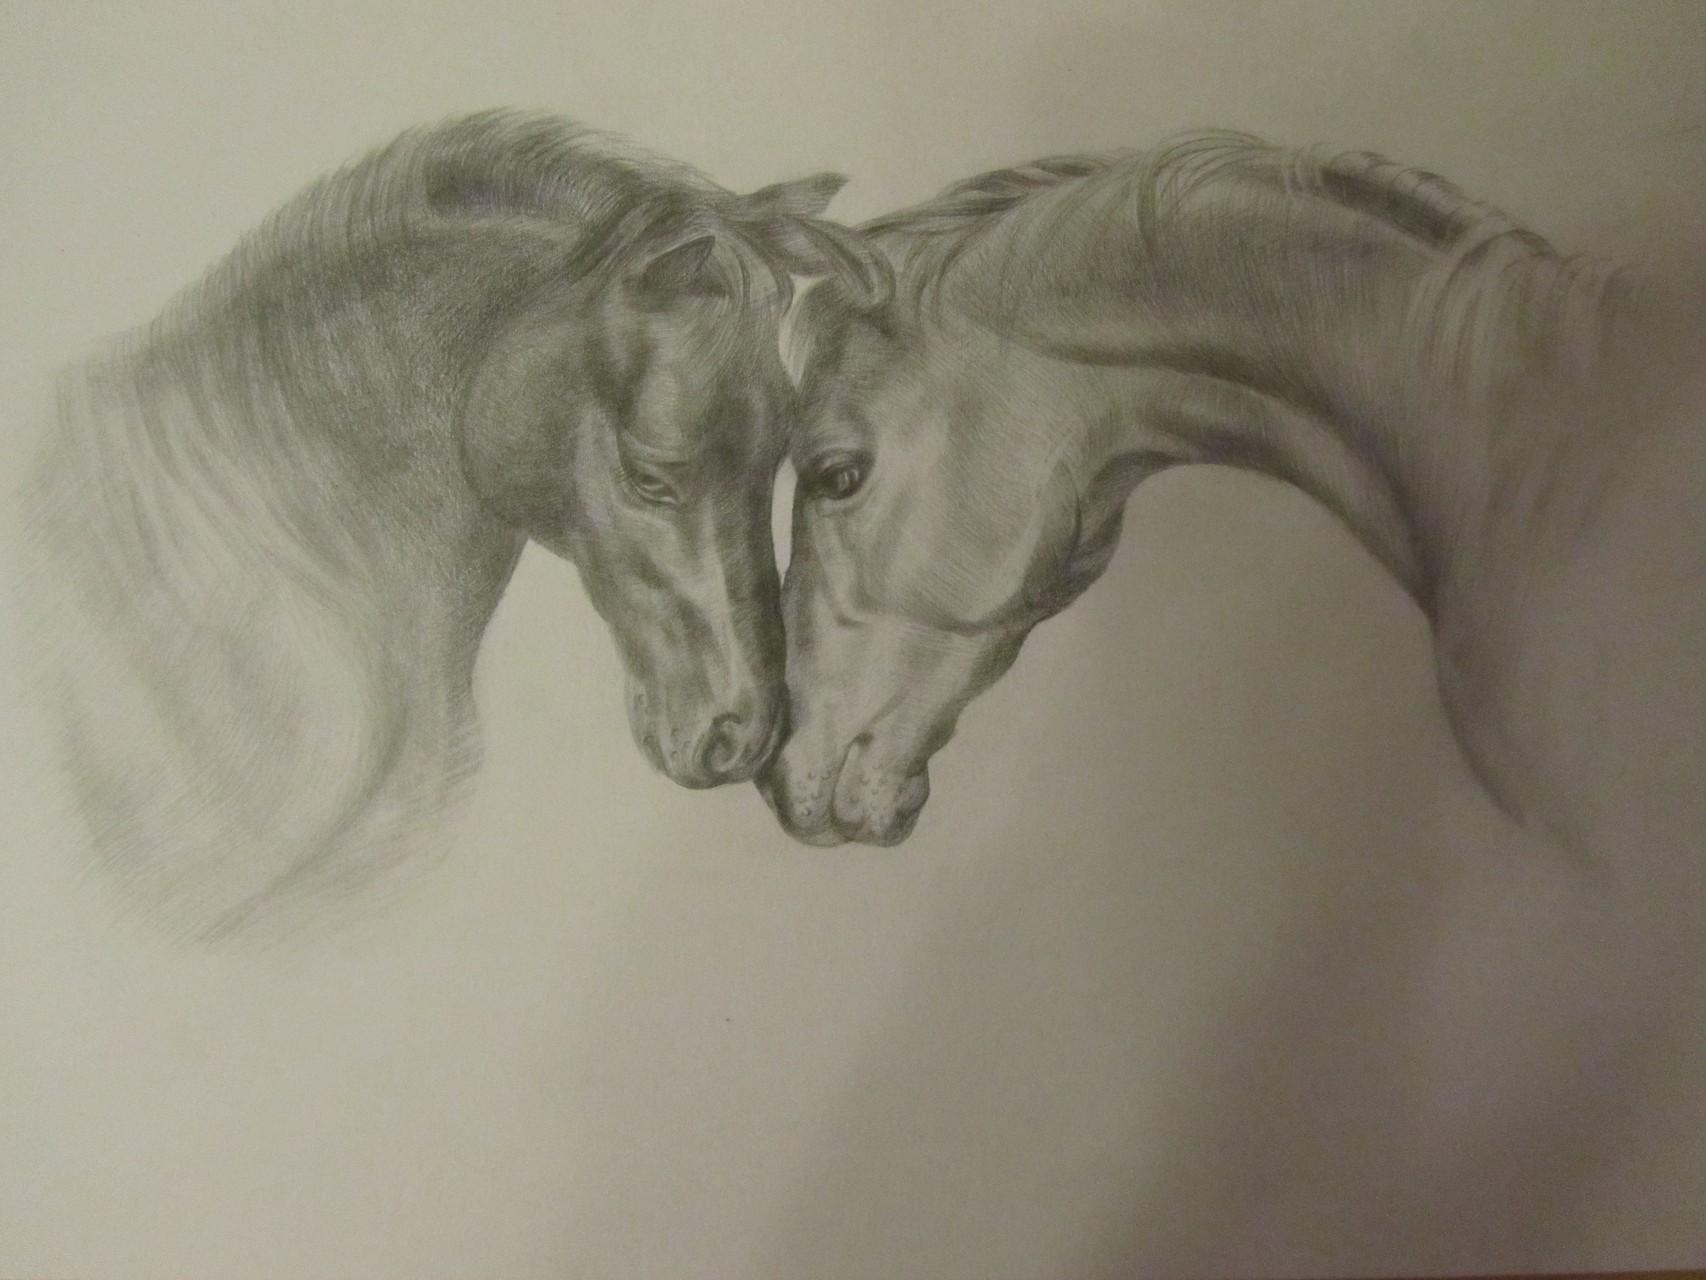 LIEBE, Bleistiftzeichnung, 29x21 cm